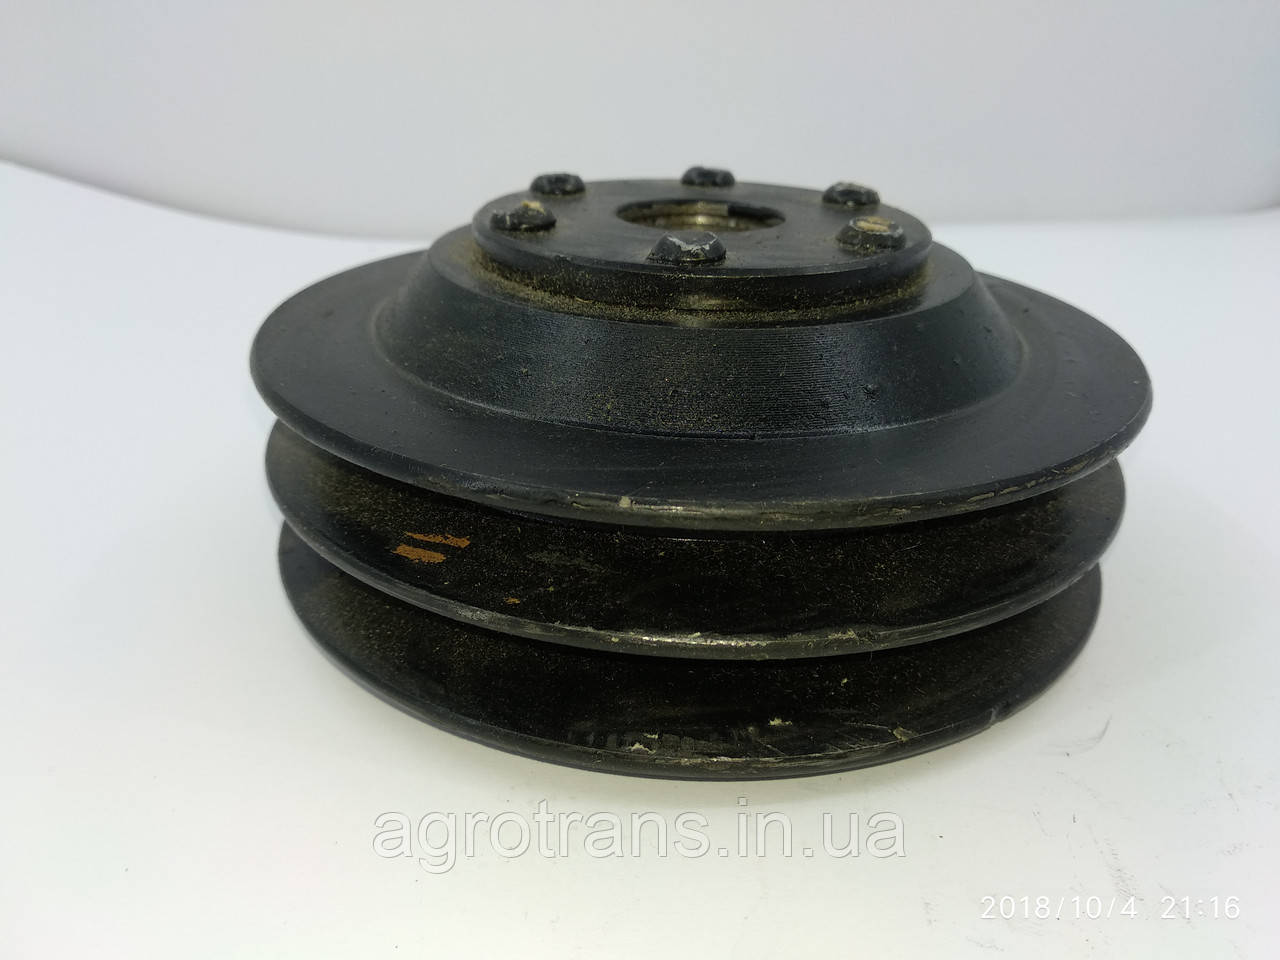 Шкив насоса на гидроусилитель руля МАЗ 5336-3407240. Шків насоса на гідропідсилювач керма МАЗ